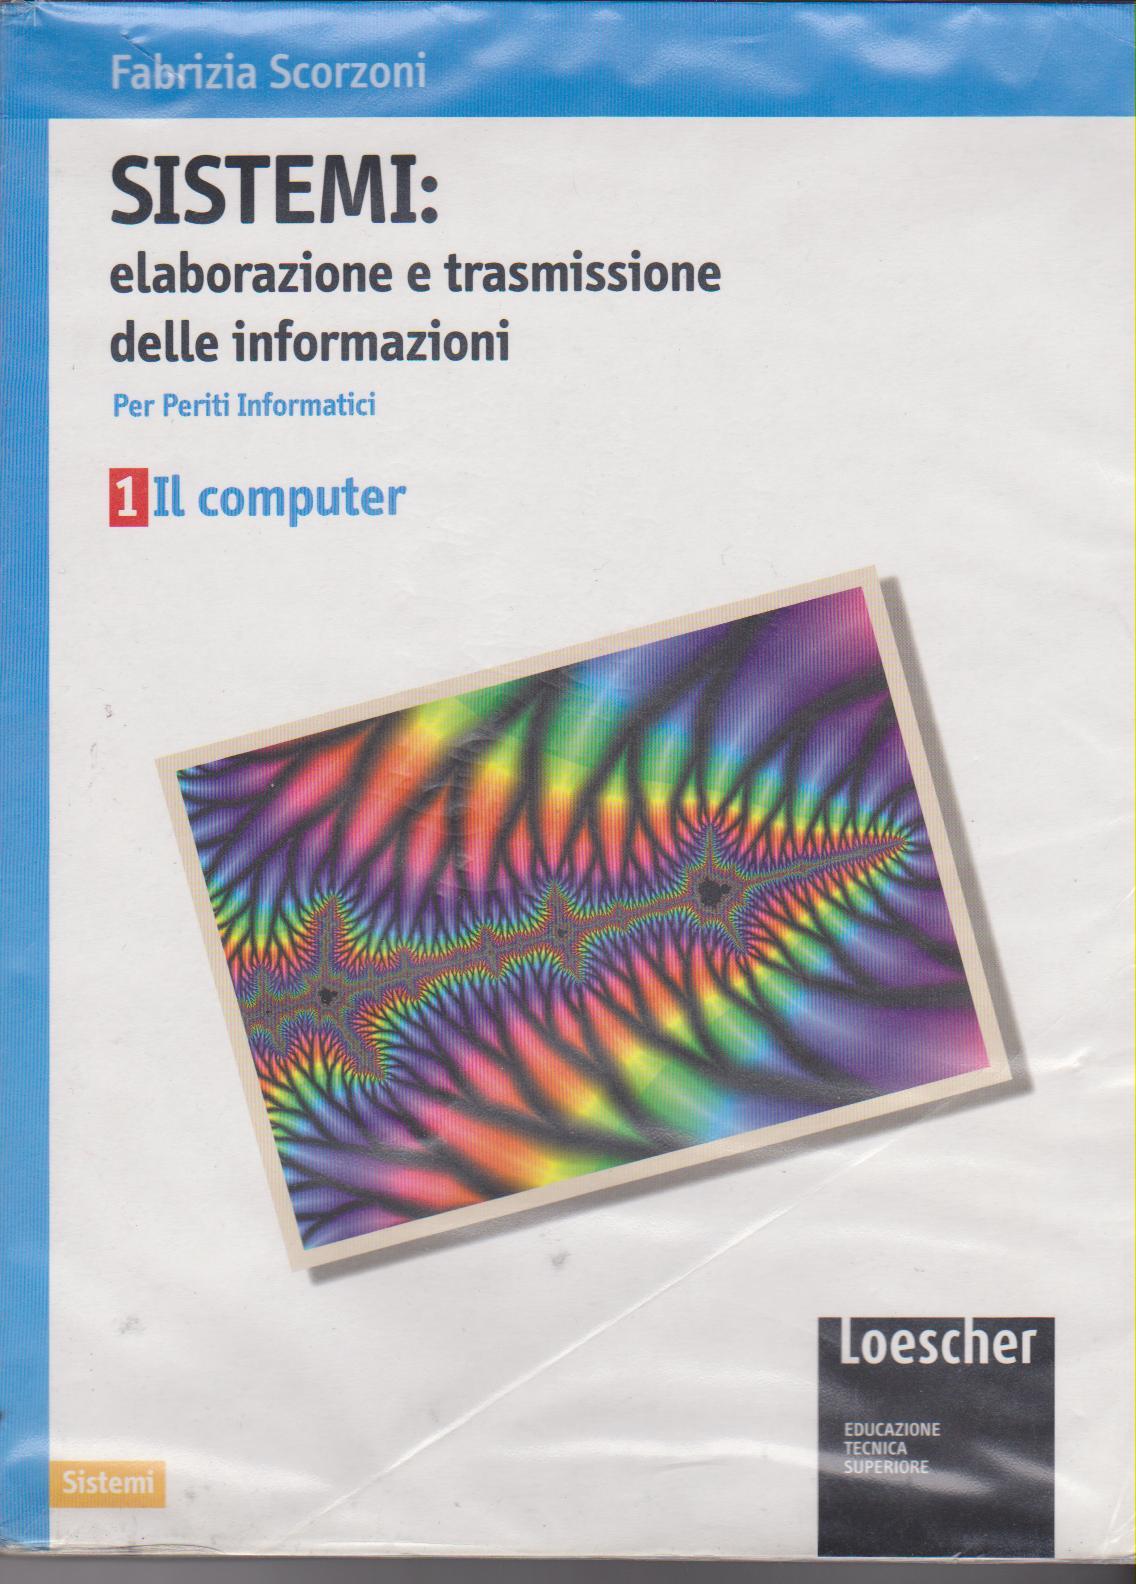 Sistemi: Elaborazione e trasmissione delle informazioni